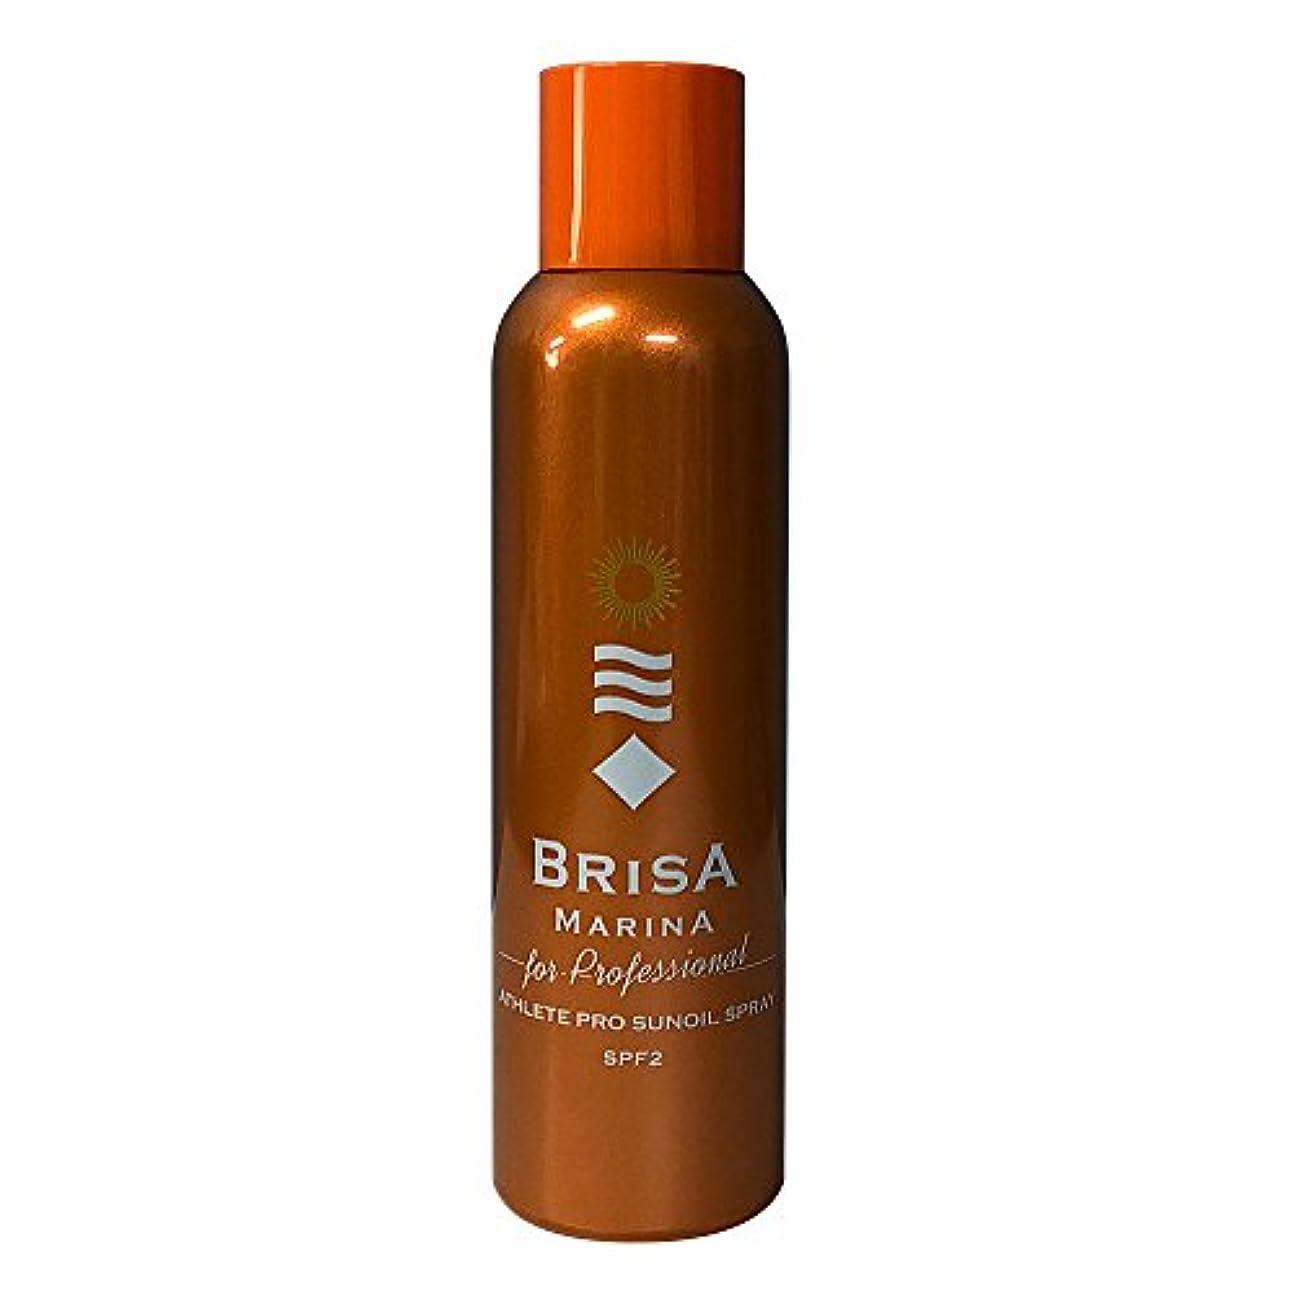 アクロバット野なプレゼントBRISA MARINA(ブリサ マリーナ) アスリートプロ サンオイルスプレー [SPF2] Professional Edition [アスリートプロ 日焼け用スプレー] Z-0CBM0016610